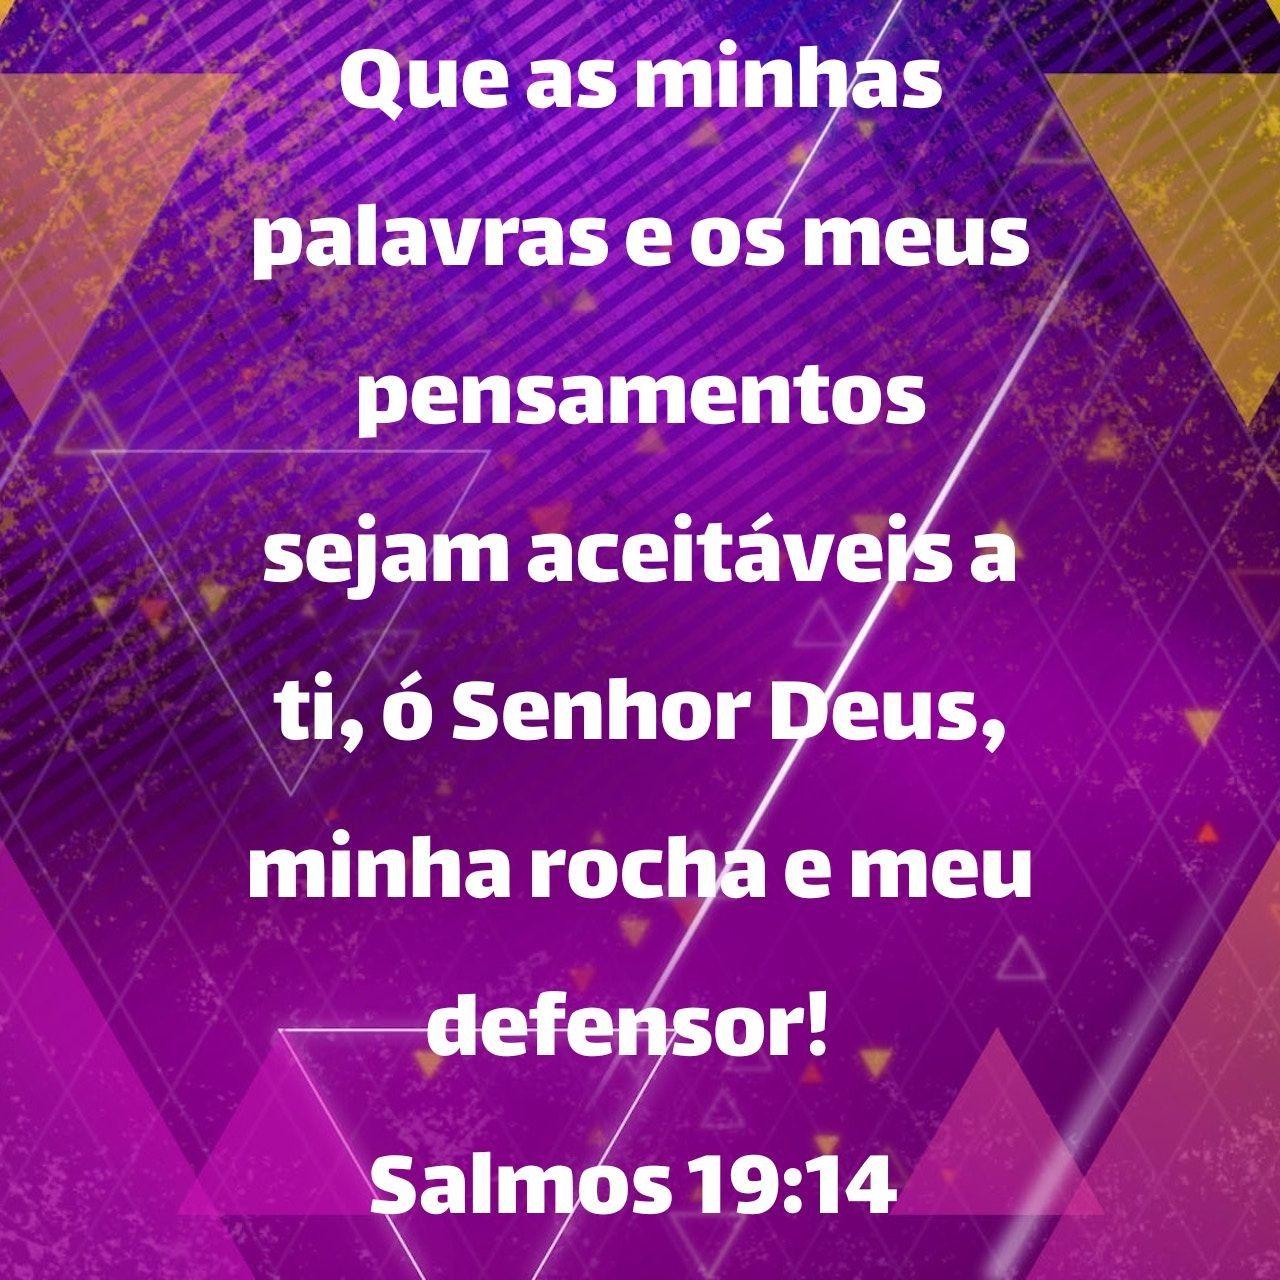 Pin De Luiza Soares Em Reflexão Palavra De Deus Mensagens Versículos Bíblicos